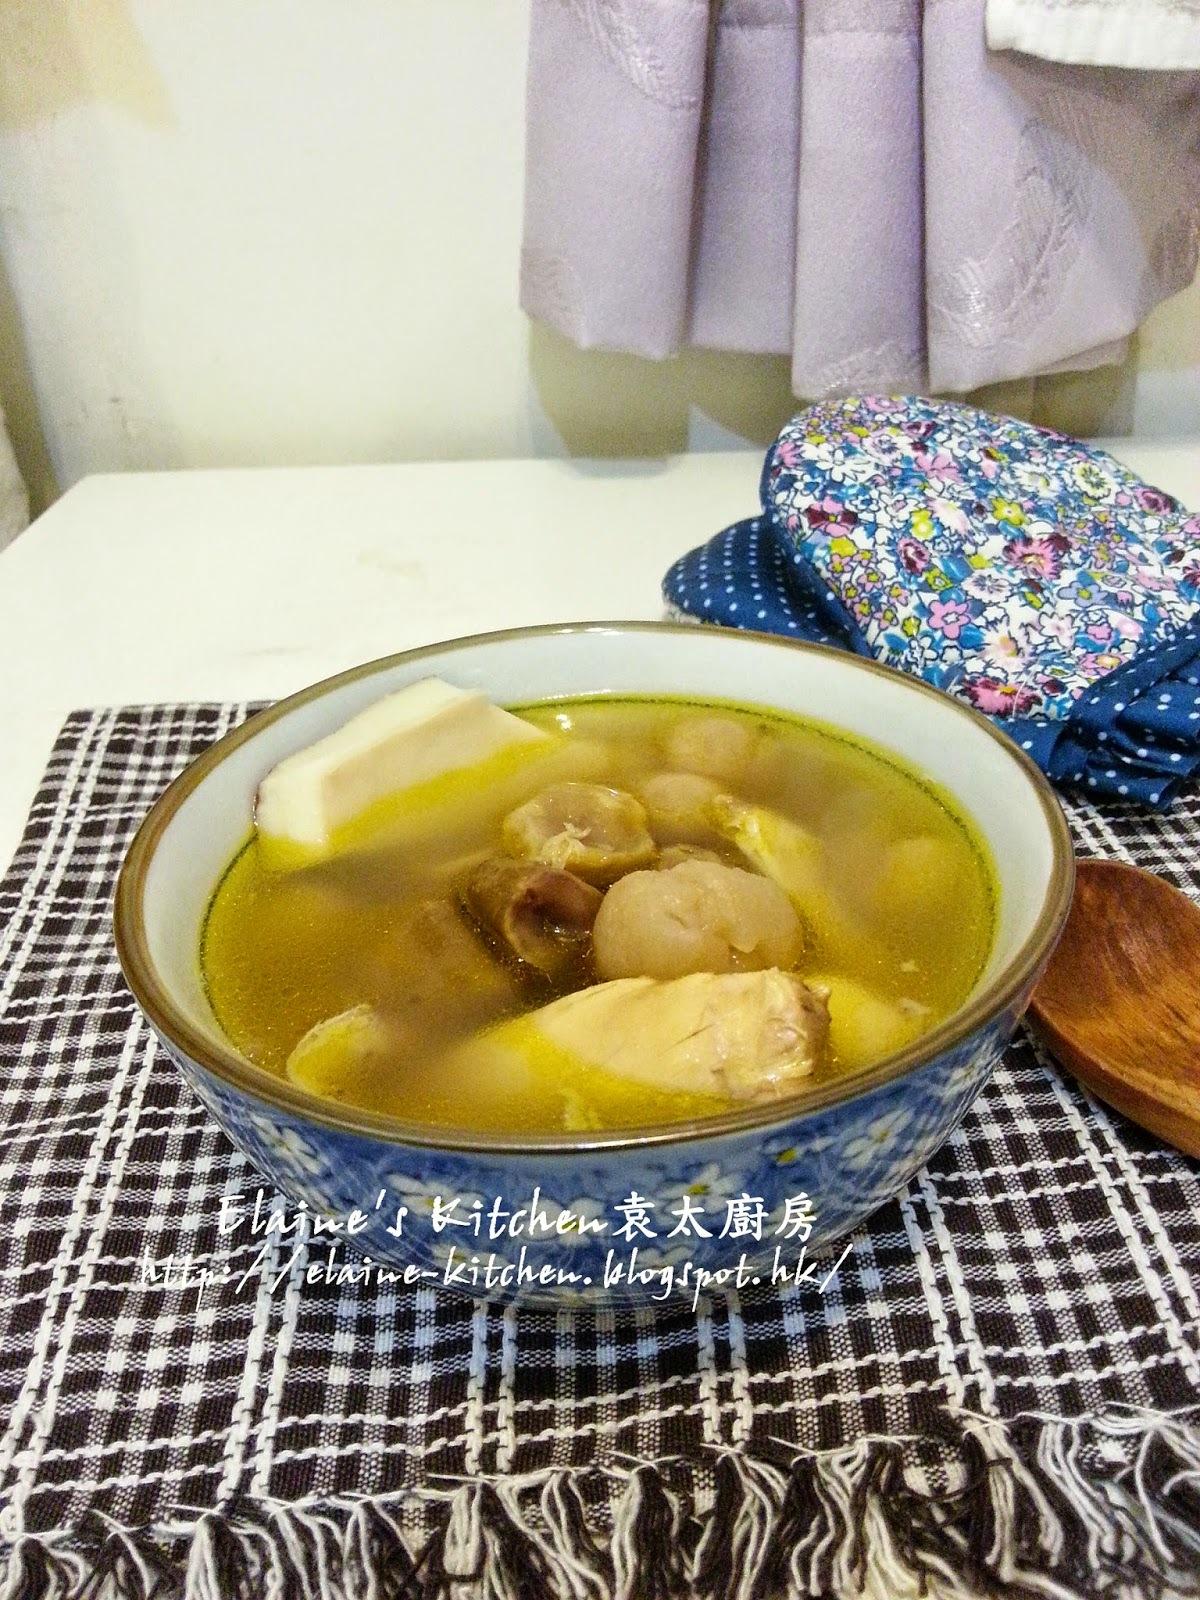 椰子圓肉雞湯